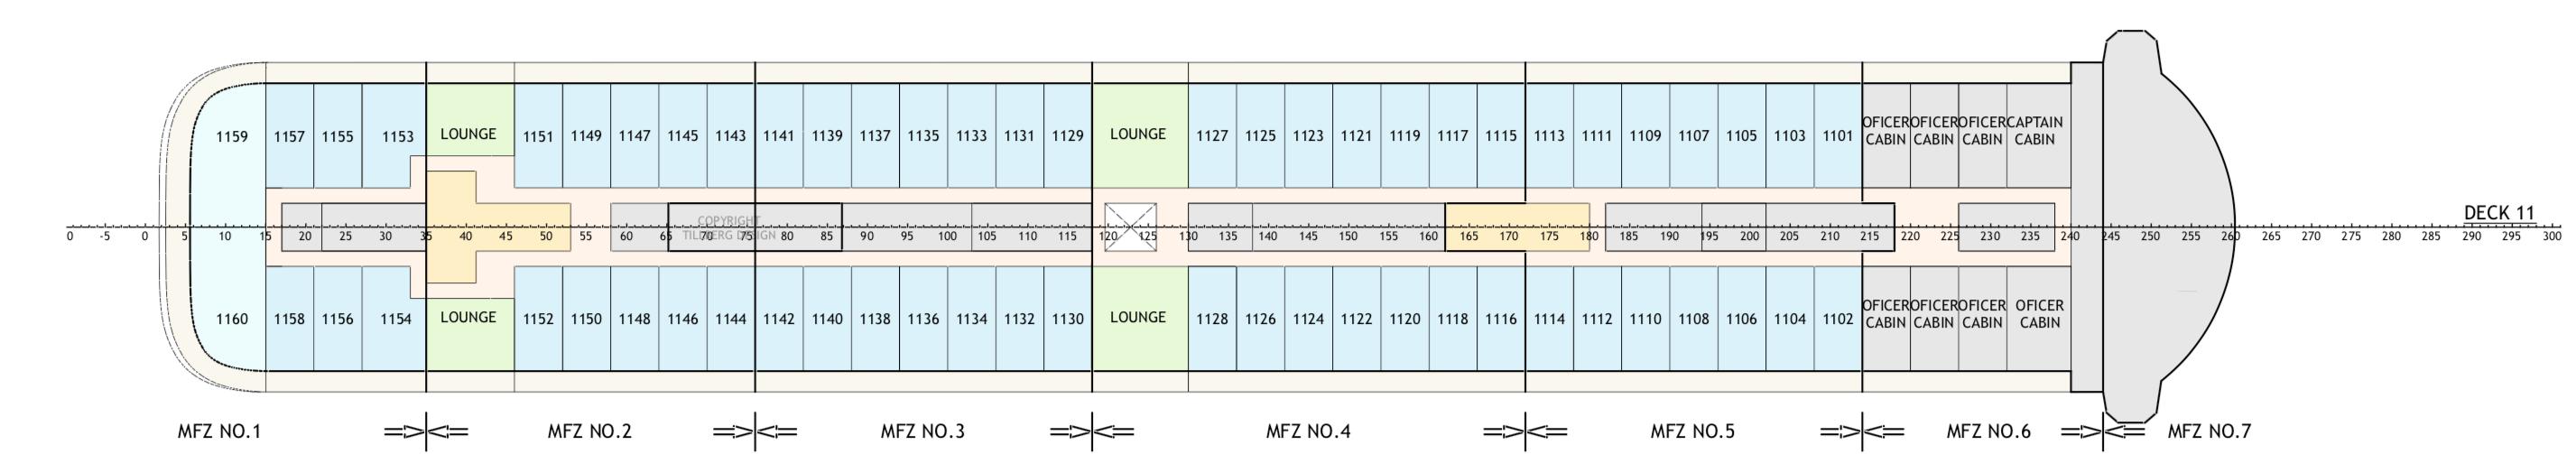 Floor Plan for Deck 11